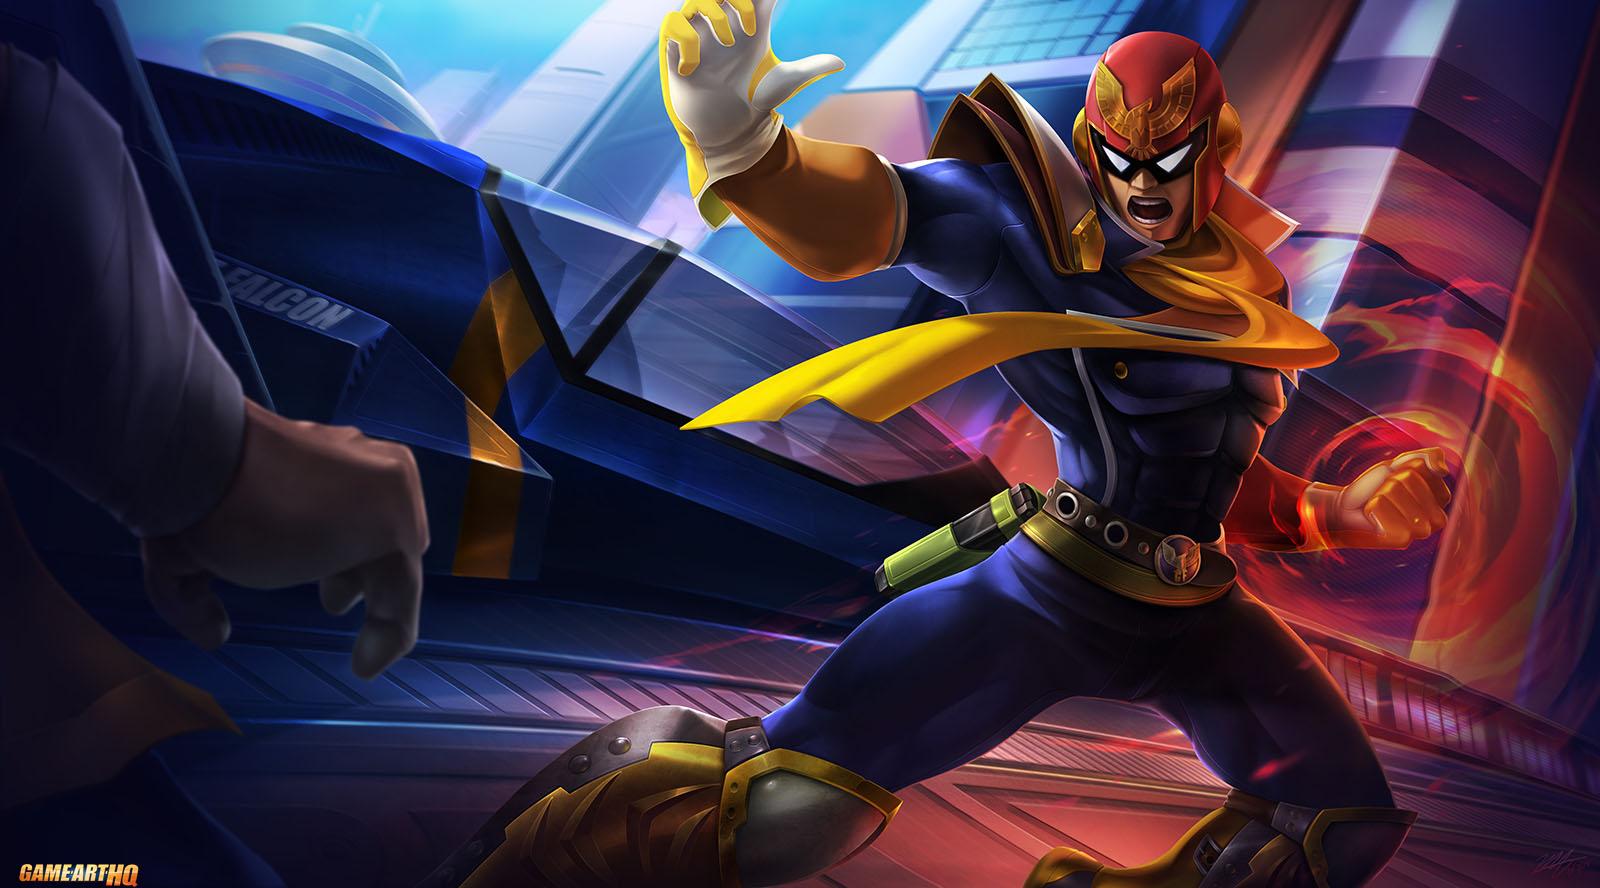 Captain Falcon - Nintendo - F-Zero - F-Zero X - FZero - FZero X - F-Zero GX  - FZero GX - fanart - fan art | Smash bros, Super smash bros, Super smash  brothers